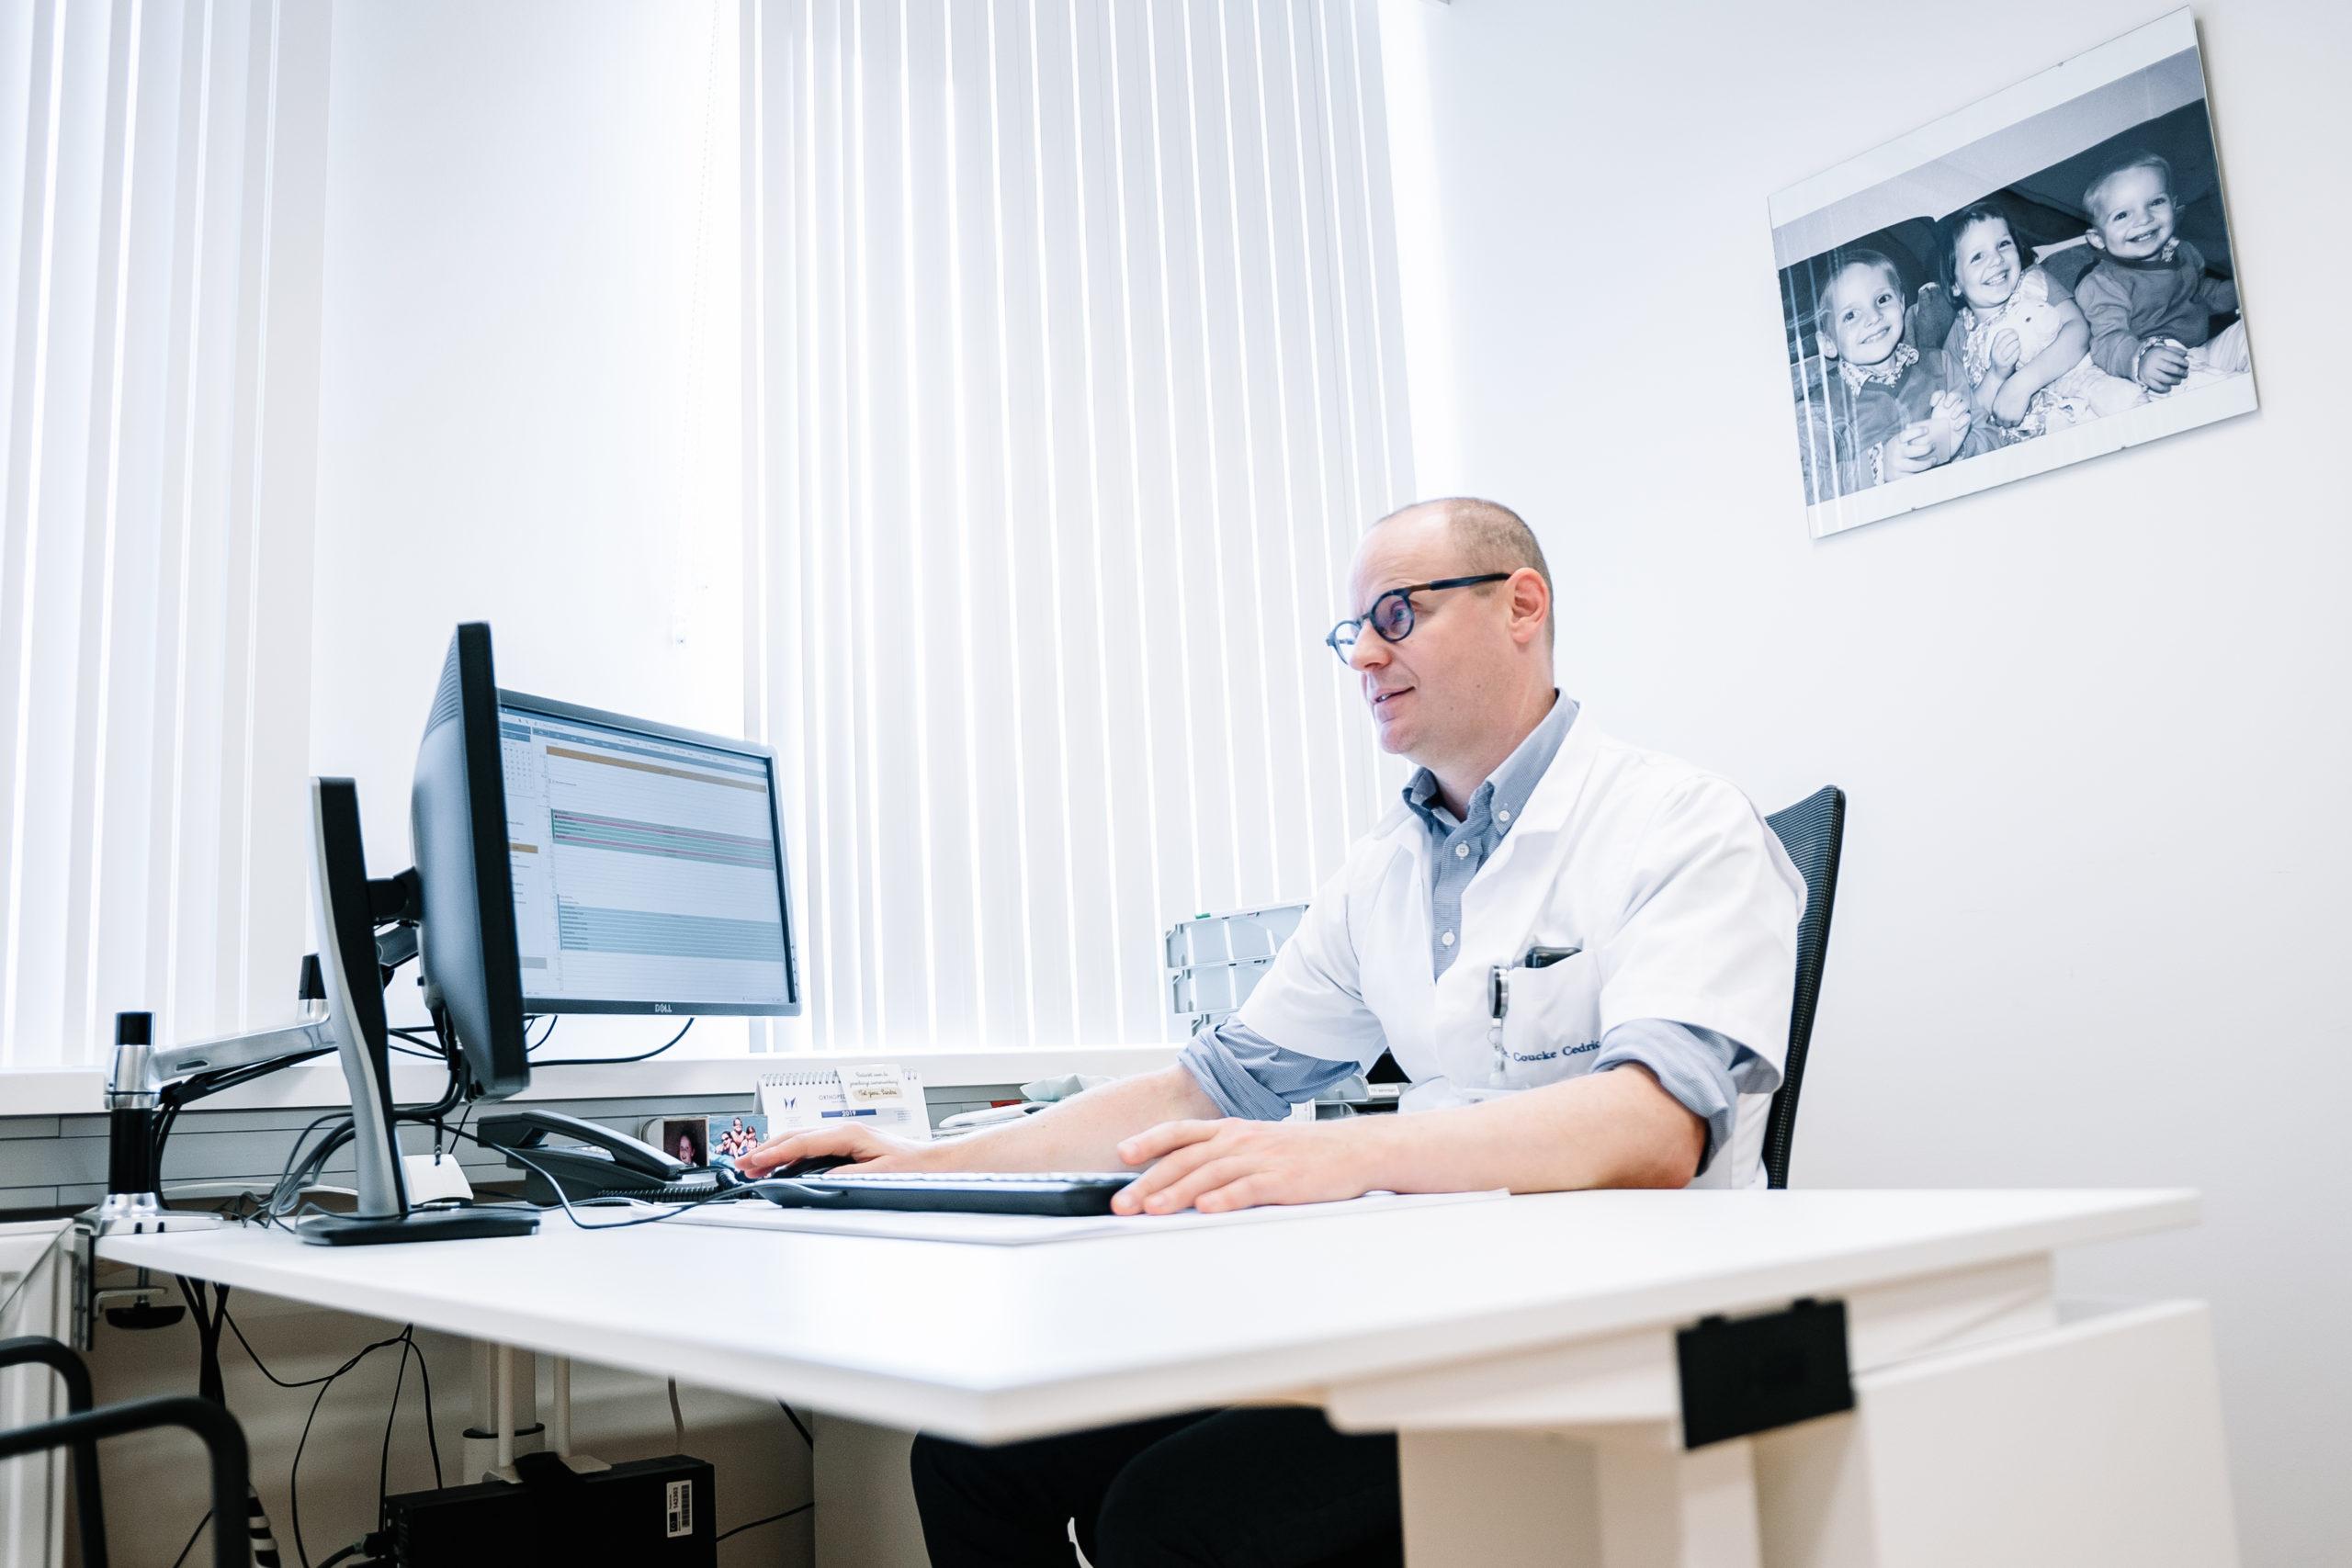 dr coucke achter bureau aan het werken